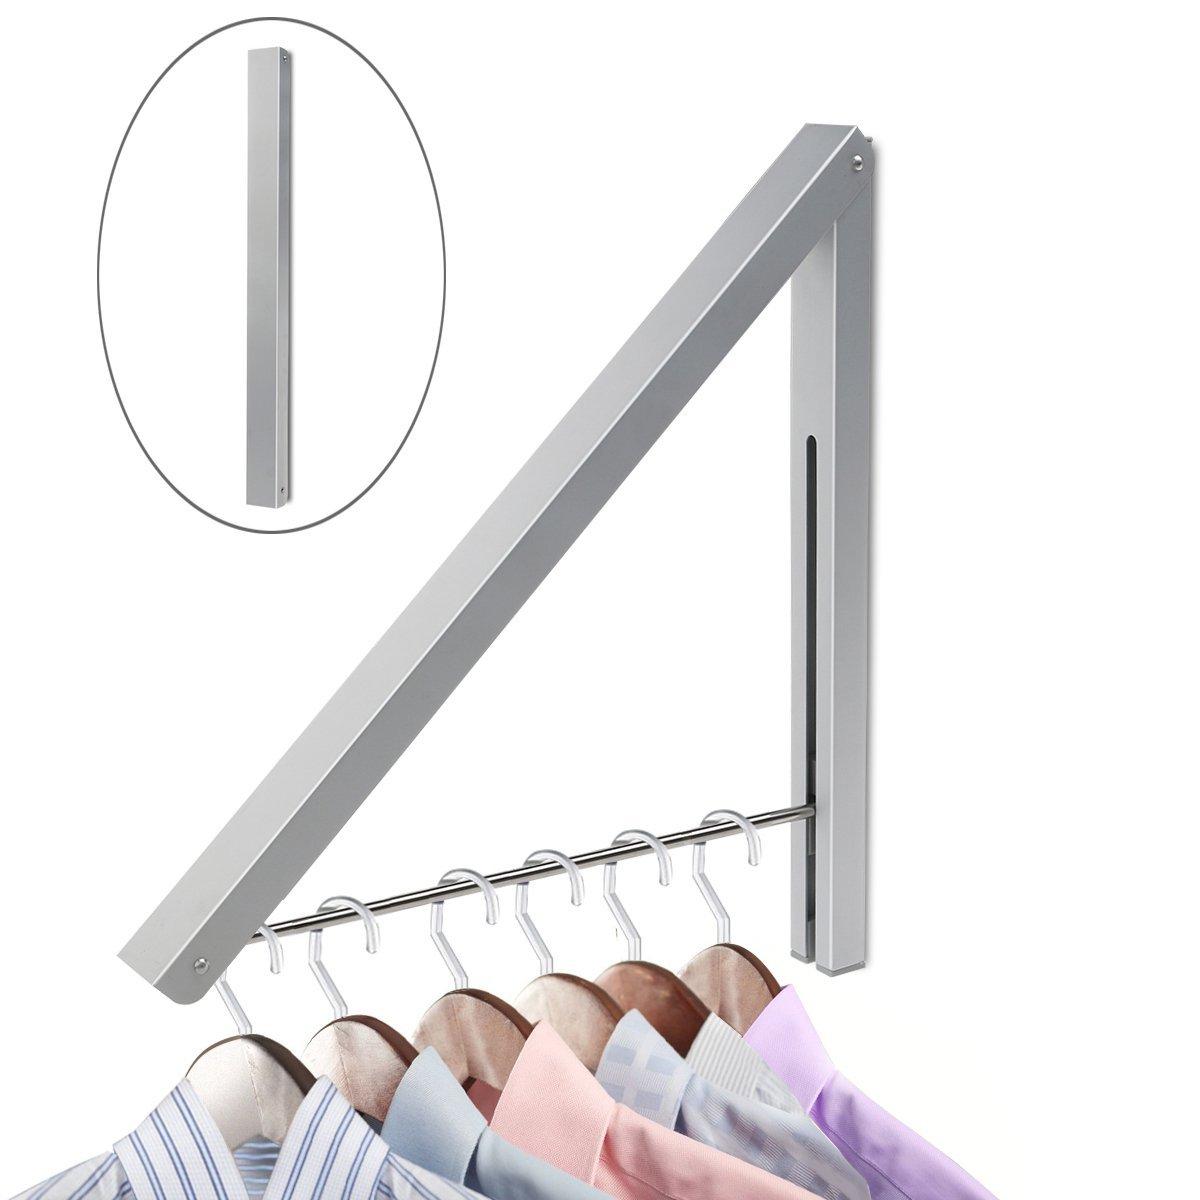 WINOMO Perchero de Pared Percha Plegable para ahorrar espacio product image